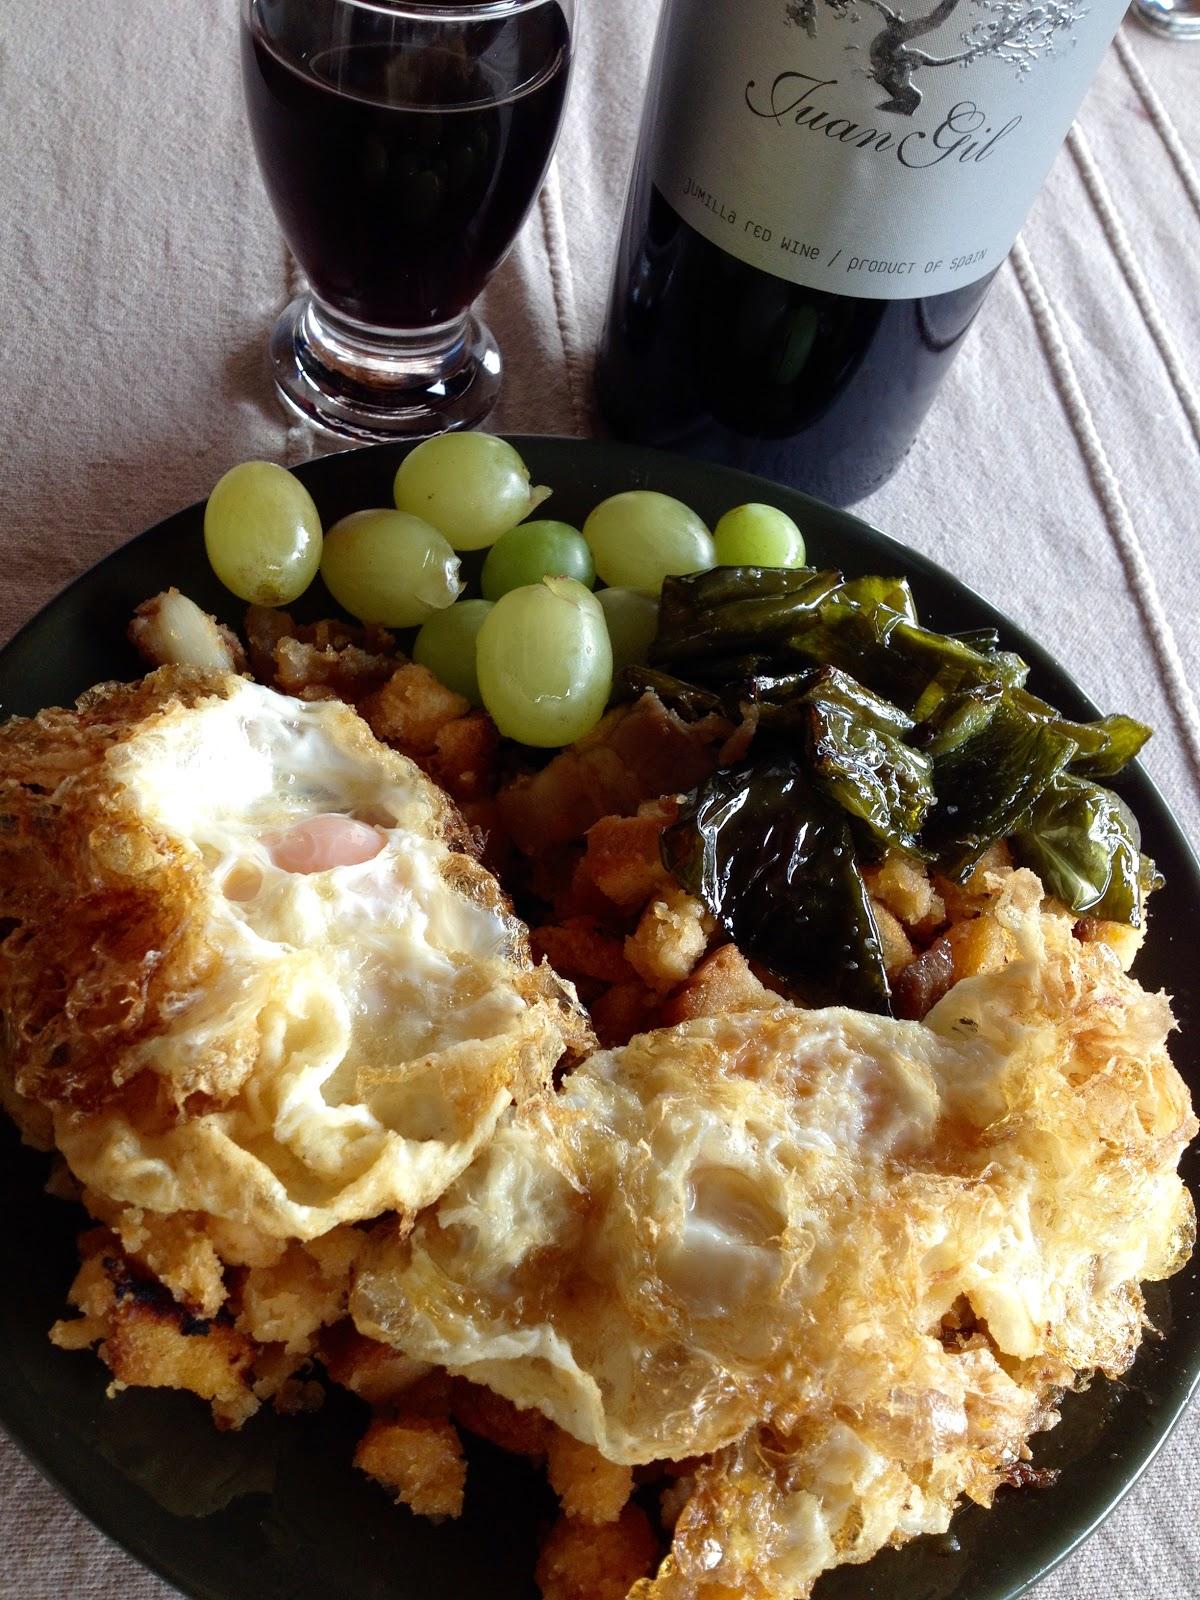 Migas con huevos fritos, chorizo, panceta y uvas - receta - Vino tinto de Jumilla Juan Gil - barbacoa - el gastrónomo - el troblogdita